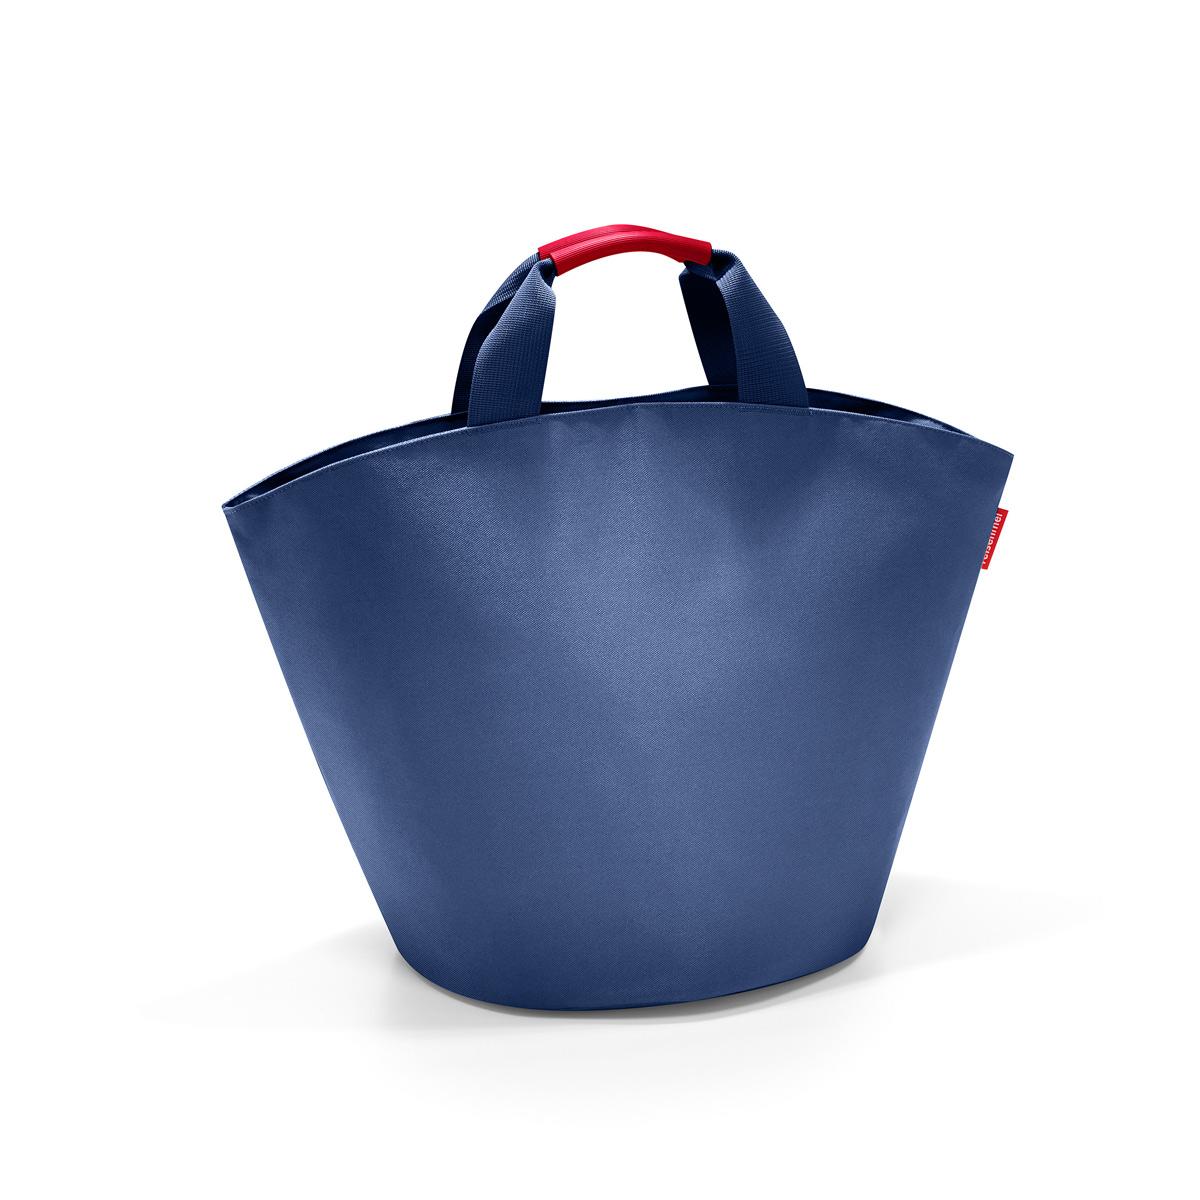 Сумка-шоппер женская Reisenthel, цвет: синий. BM4005BM4005Дизайн сумки ibizashopper берет начало от классической пляжной сумки Ibiza. Солидный однотонный цвет сумки подойдет к любому наряду, а ее вместительность позволить взять с собой все необходимое. Благодаря стильной форме в виде трапеции ibizashopper всегда очень устойчива и может быть использована дома как корзина для хранения.